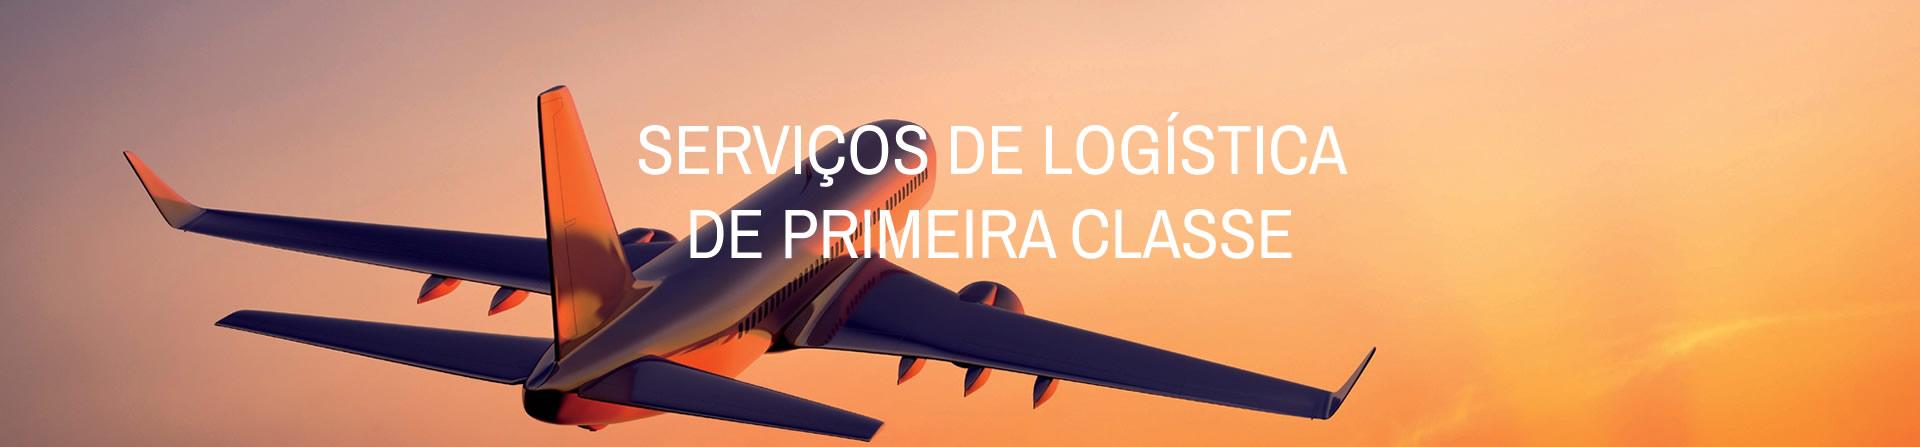 Serviços de logística de primeira classe